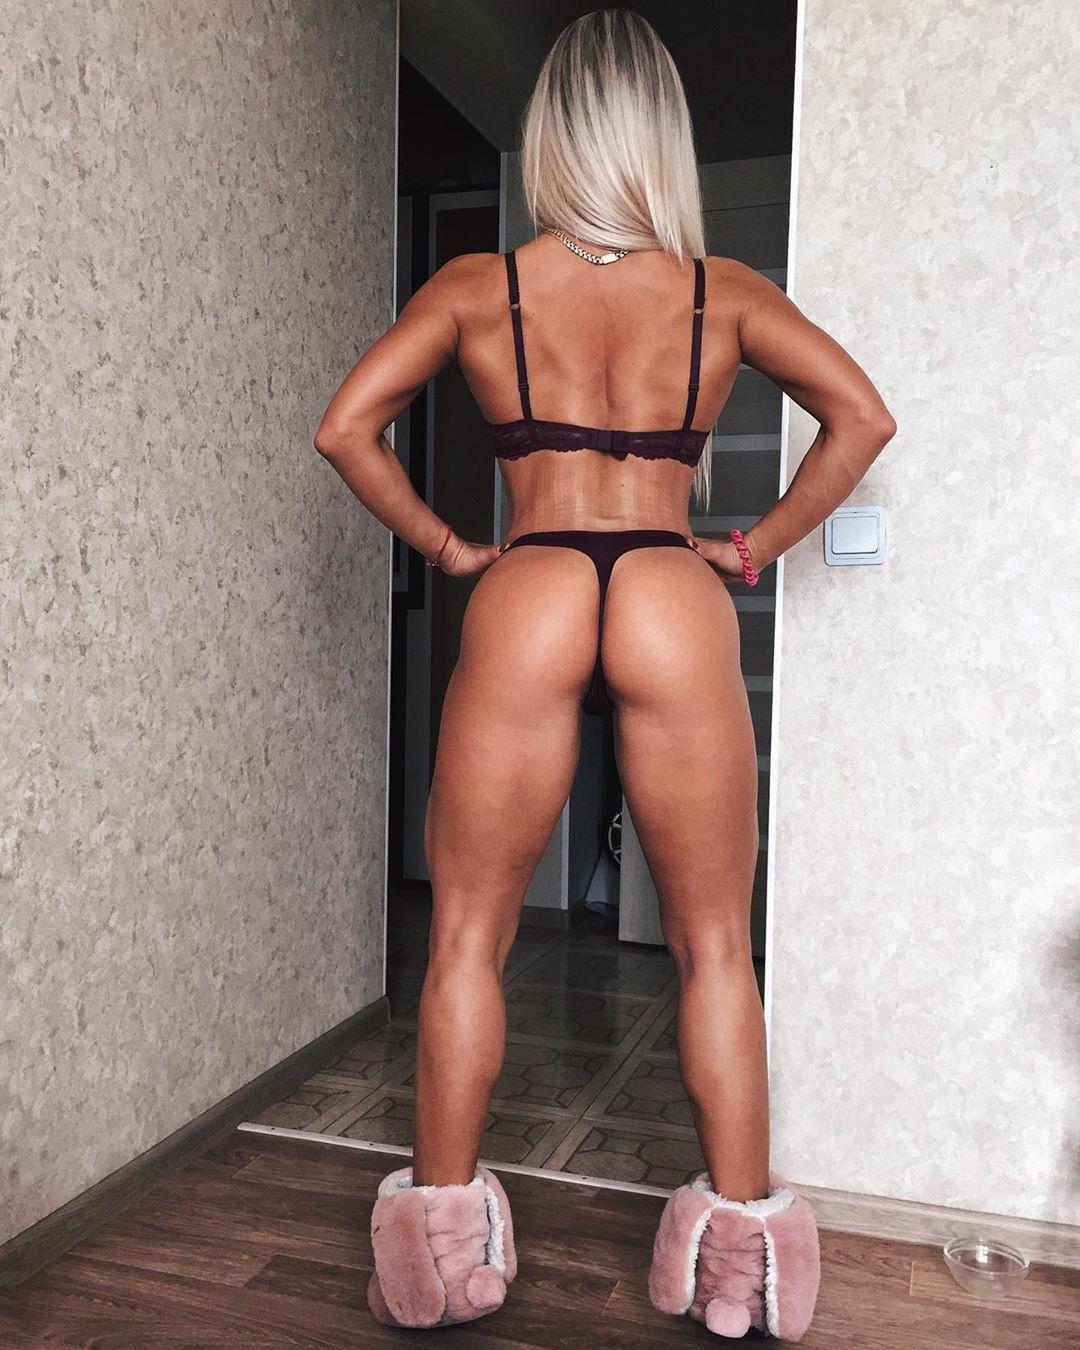 Christina Lubysheva